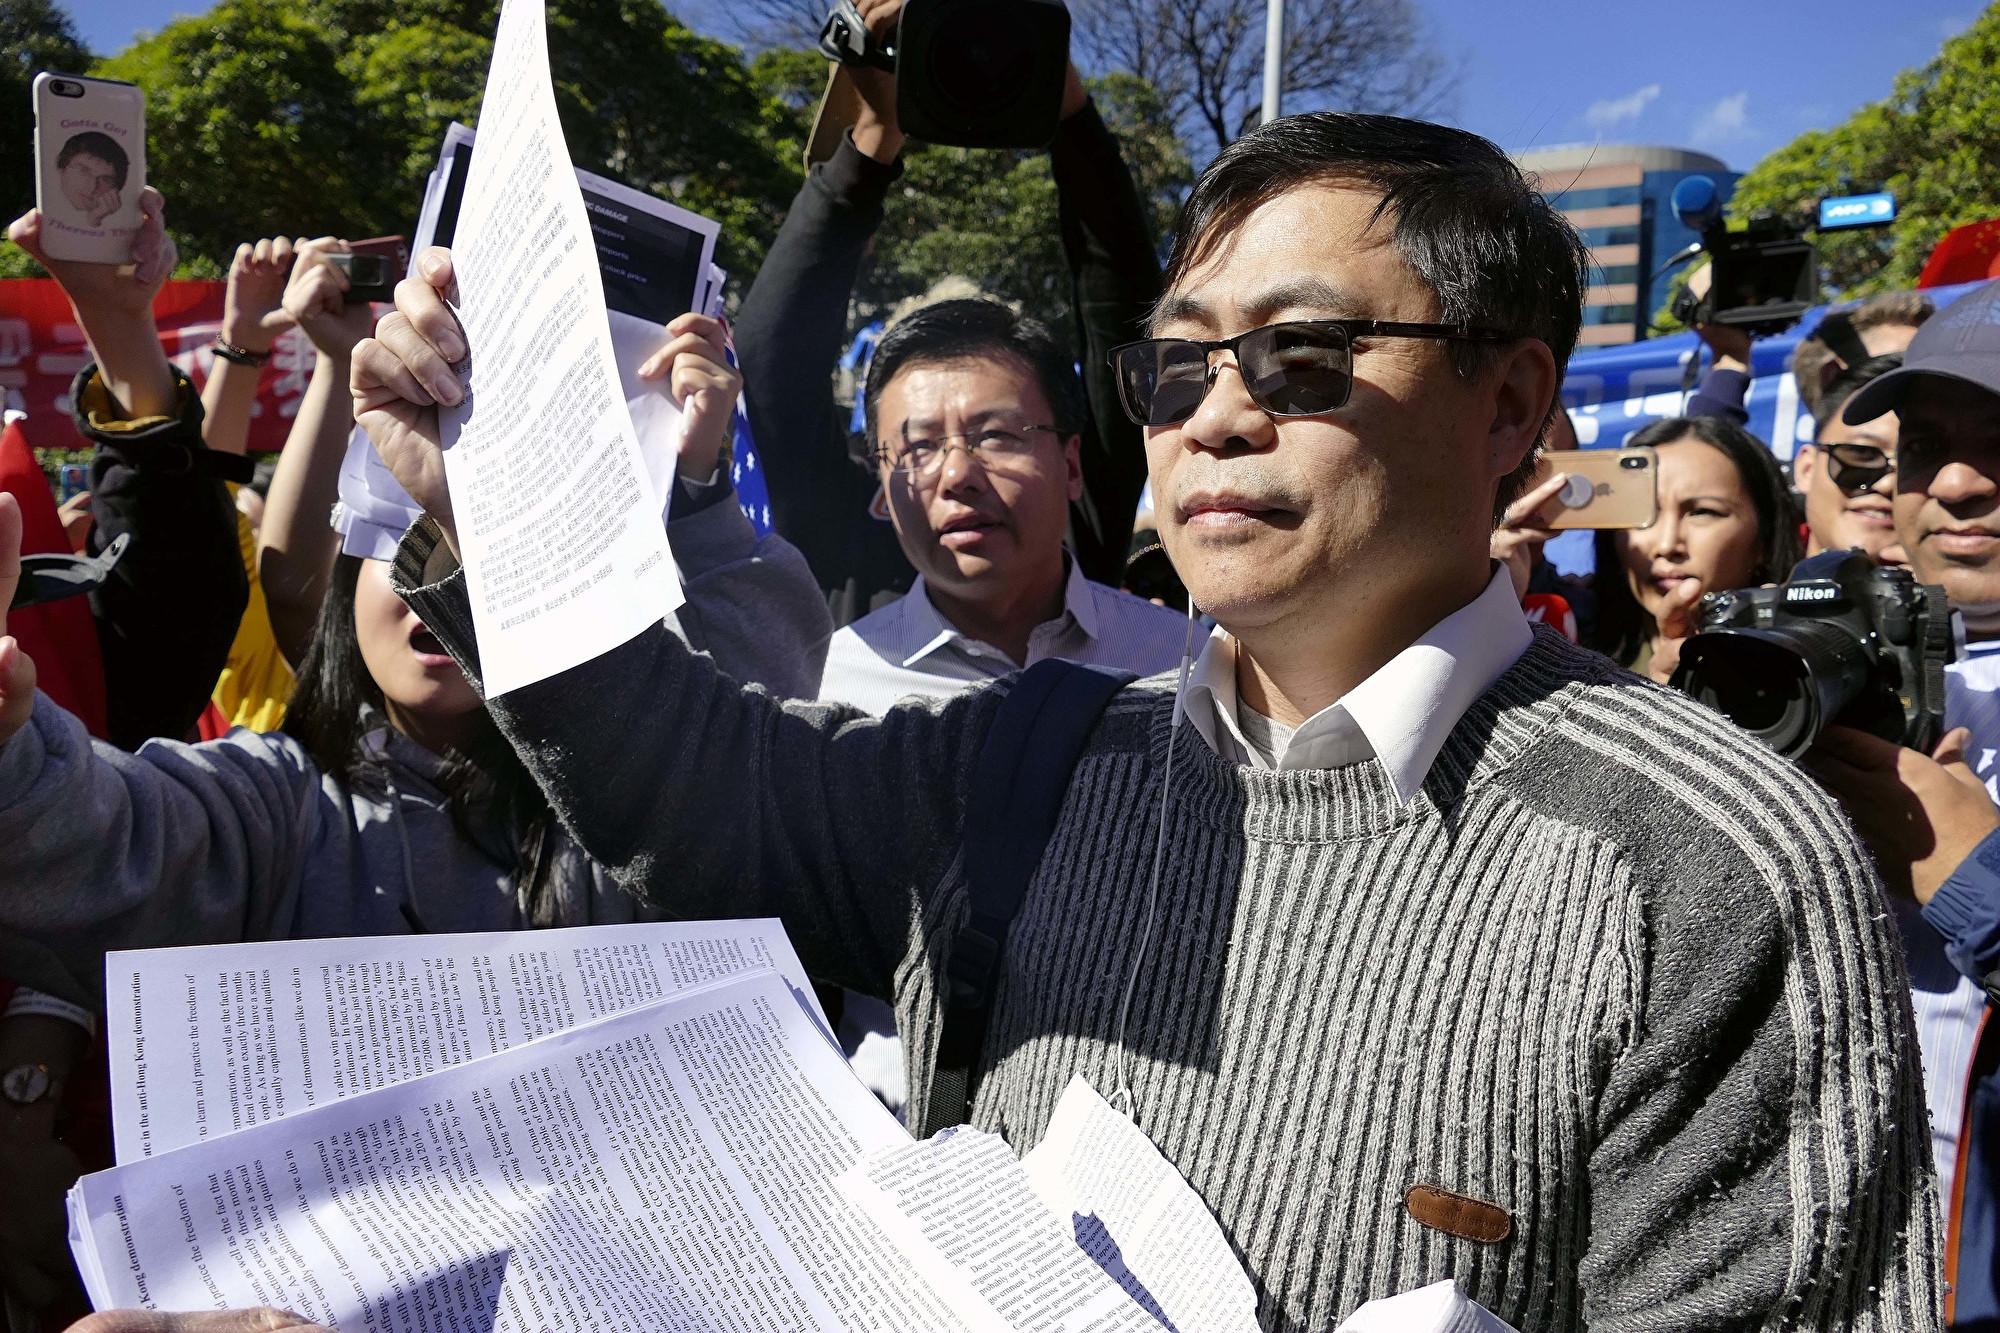 鍾錦江博士抱著善意參加了8月17日悉尼的親中集會,他希望大陸留學生珍惜在澳洲社會裏言論自由的權利。(安平雅/大紀元)